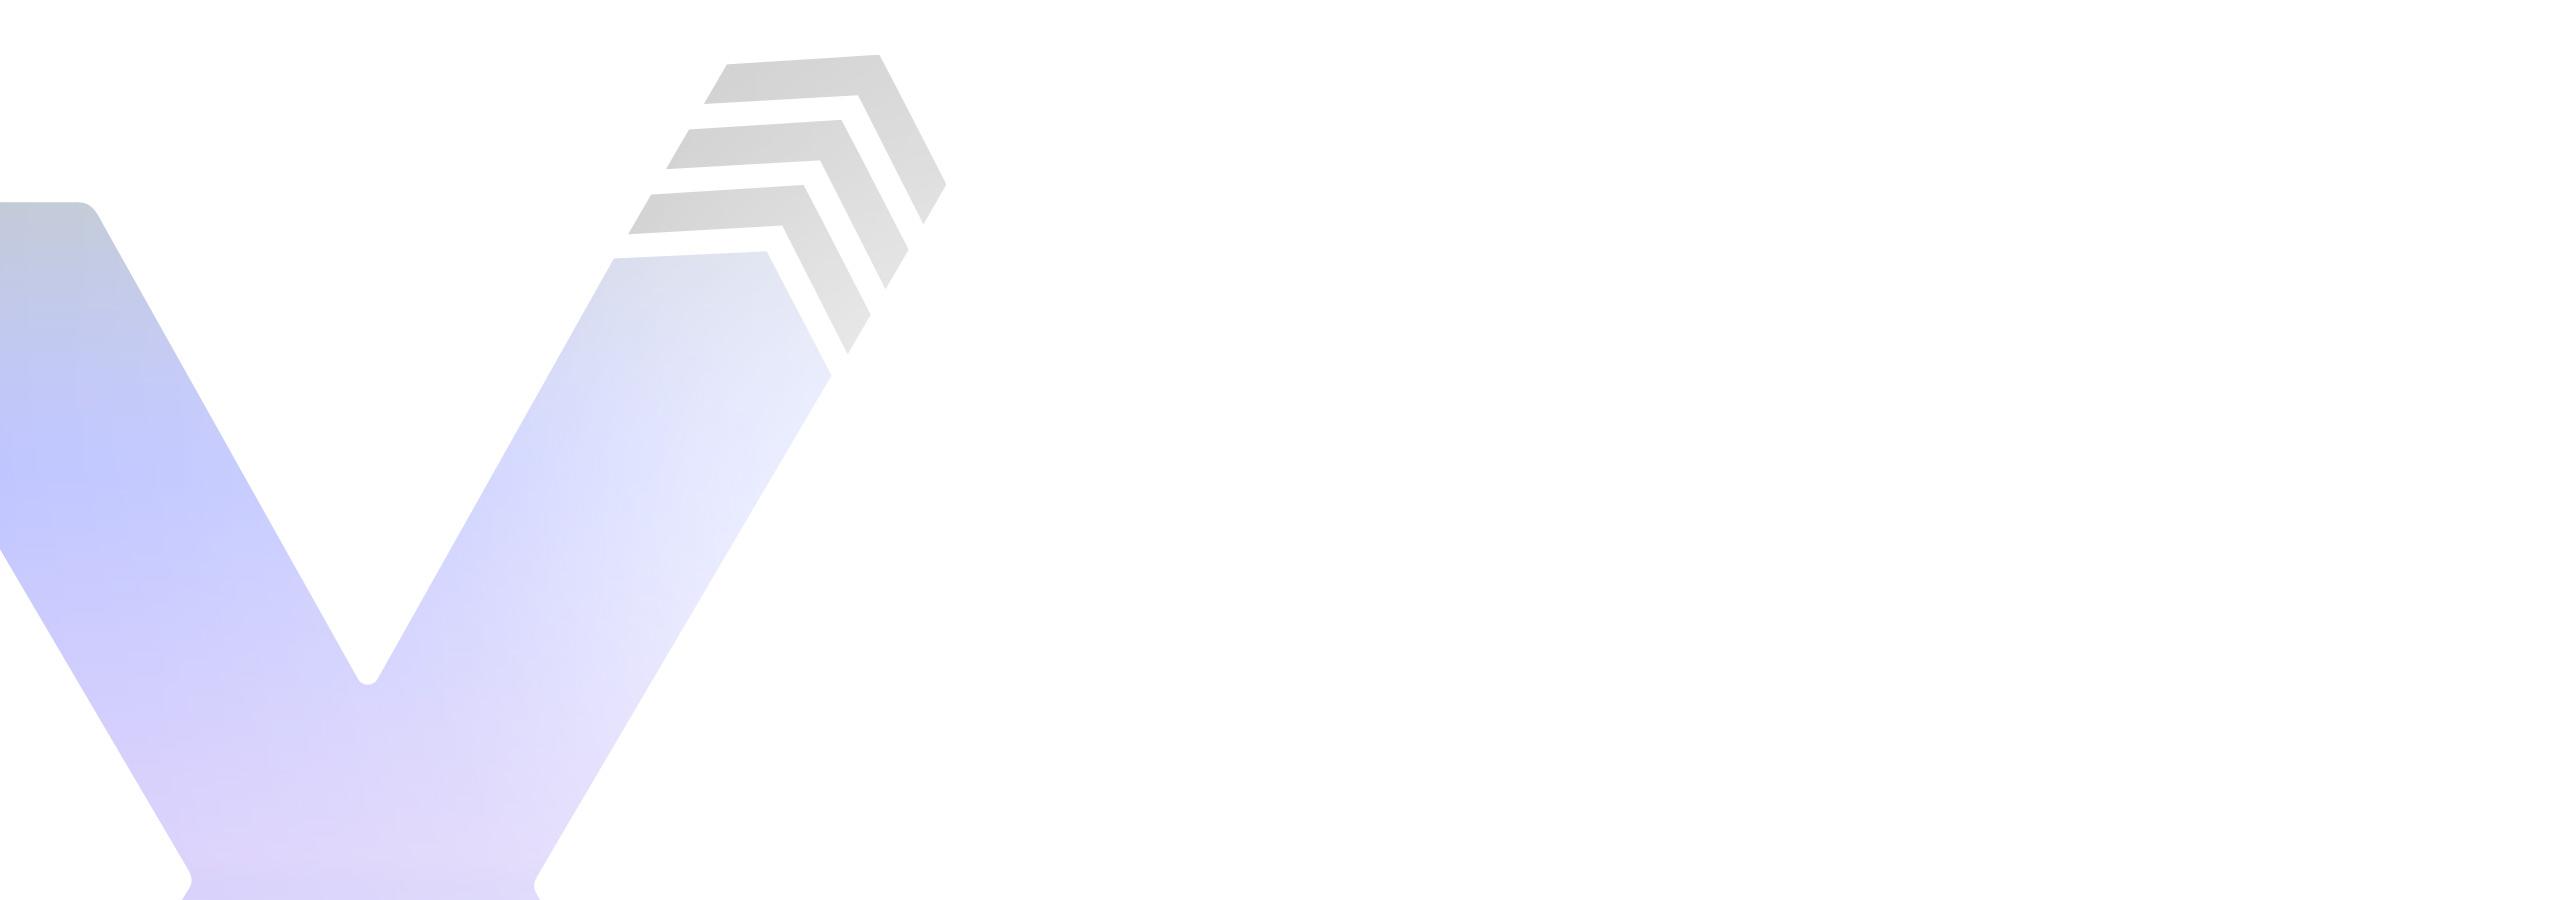 hintergrund_weiß